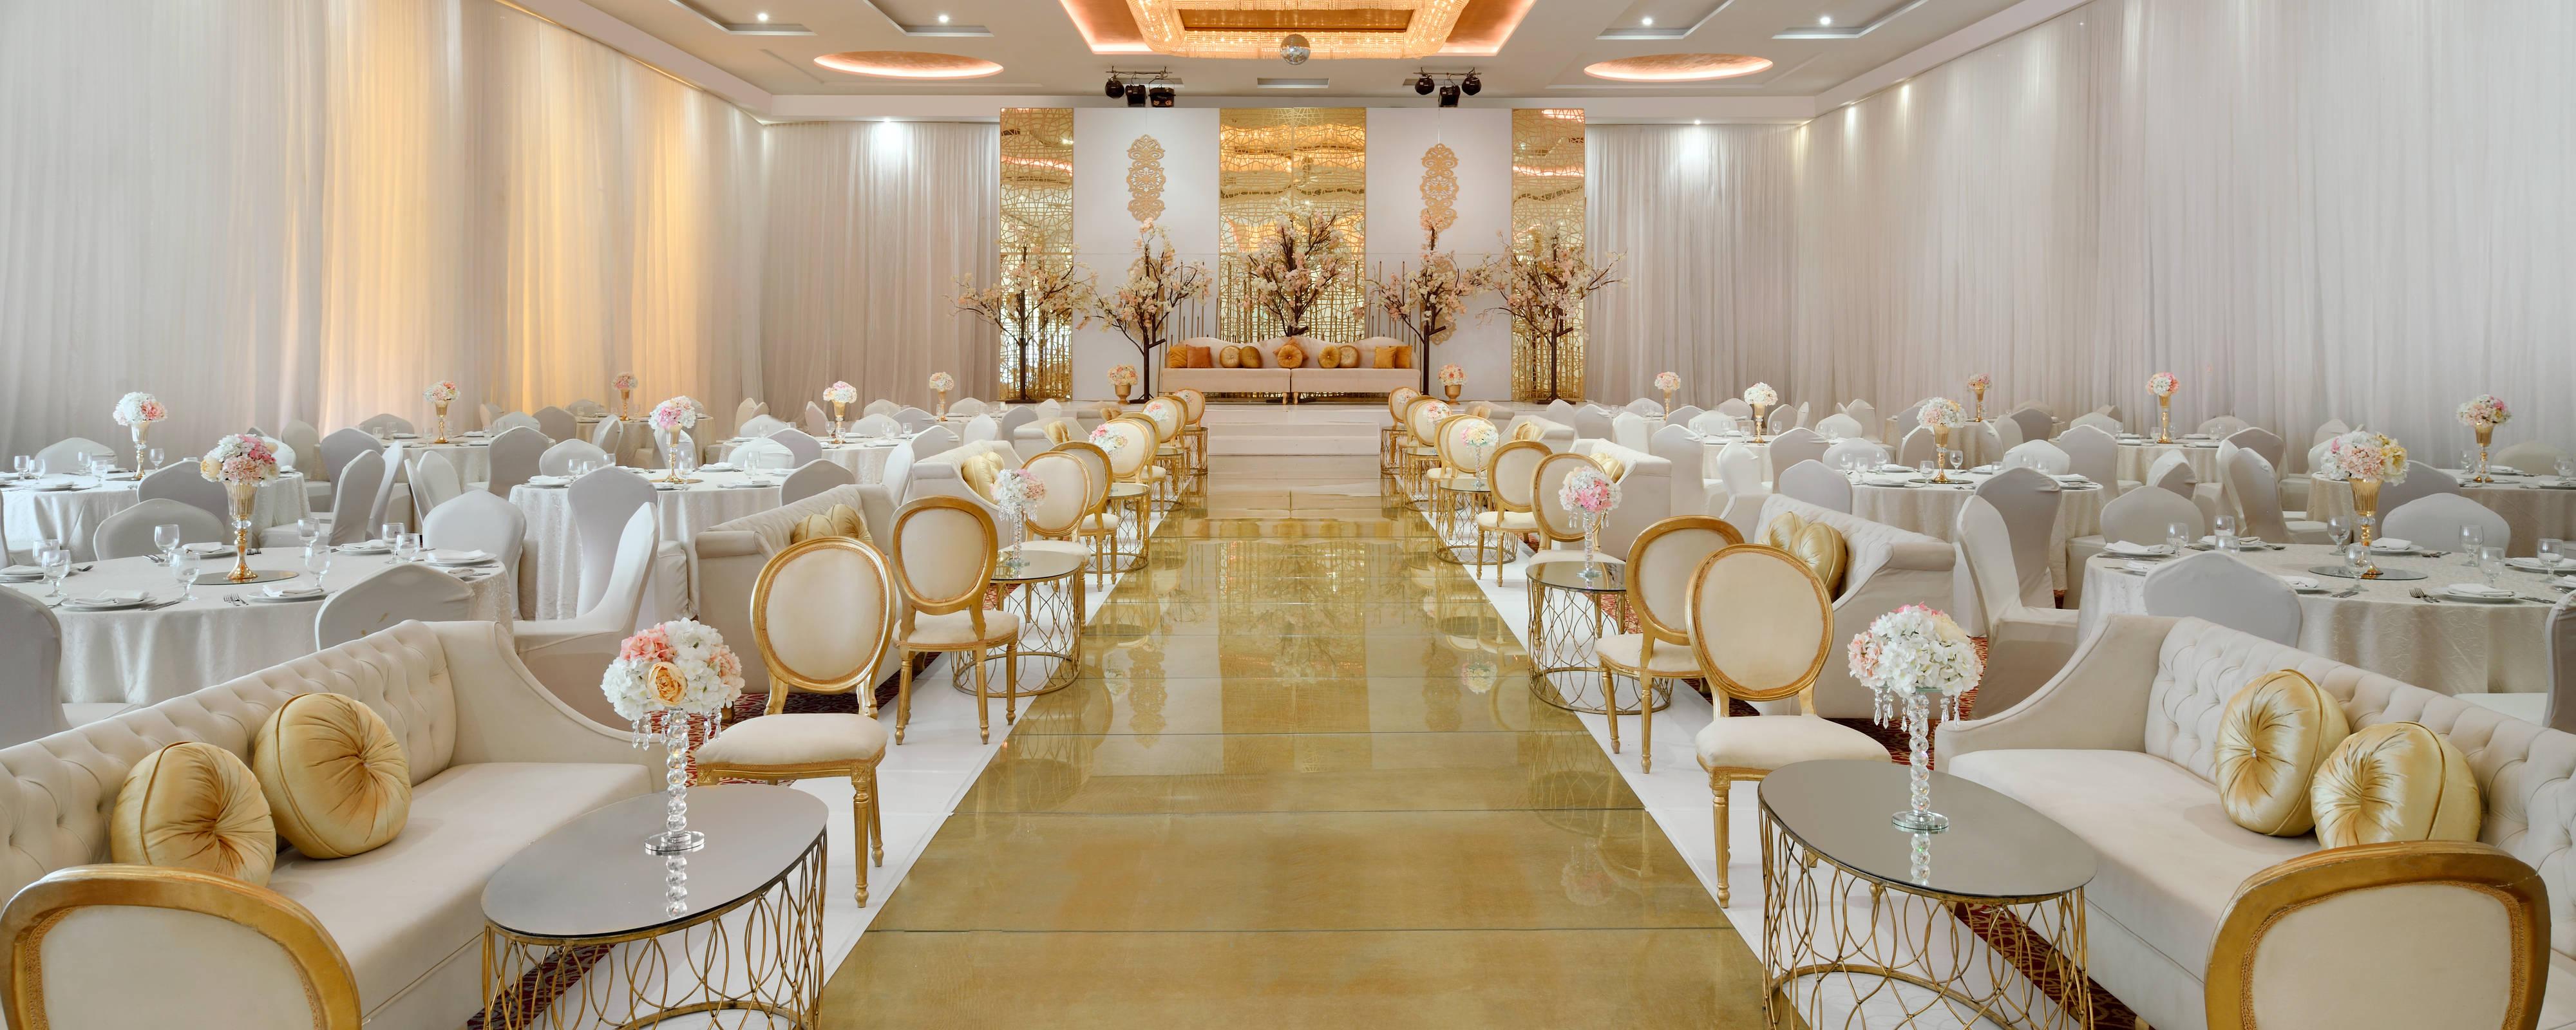 قاعات فنادق صغيرة بالرياض موقع العروس